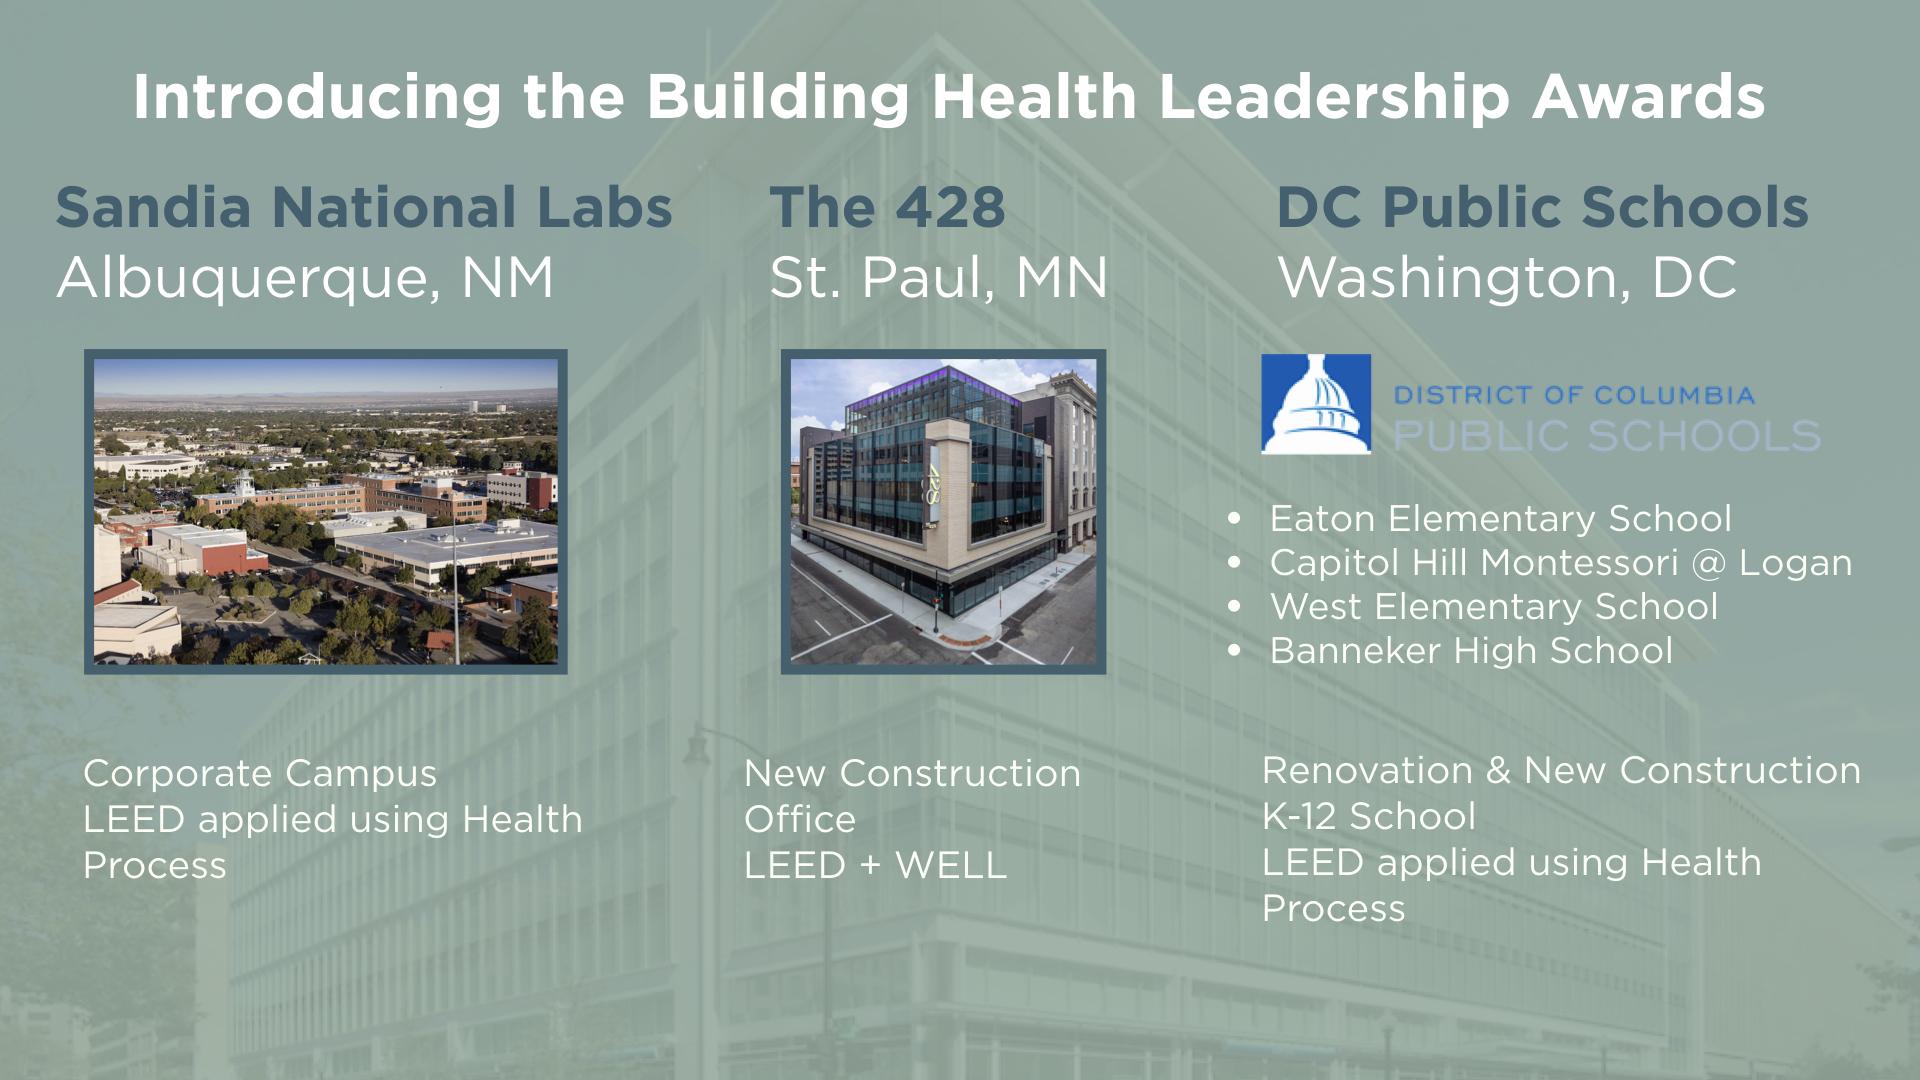 Building Health Leadership Award recipients